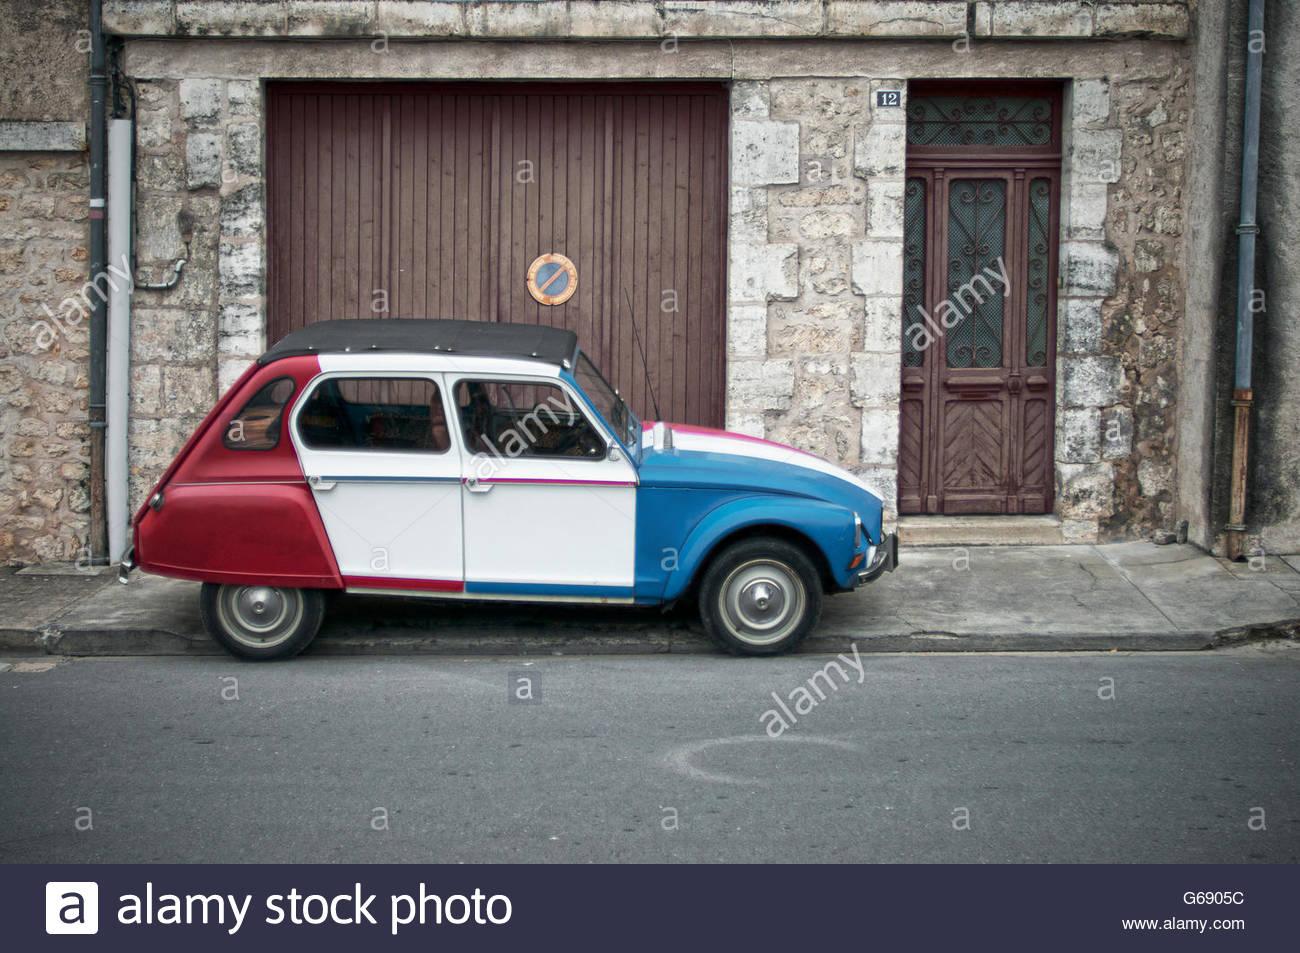 Profil de côté vintage 2CV Citroën peinte en rouge, blanc et bleu. Photo Stock